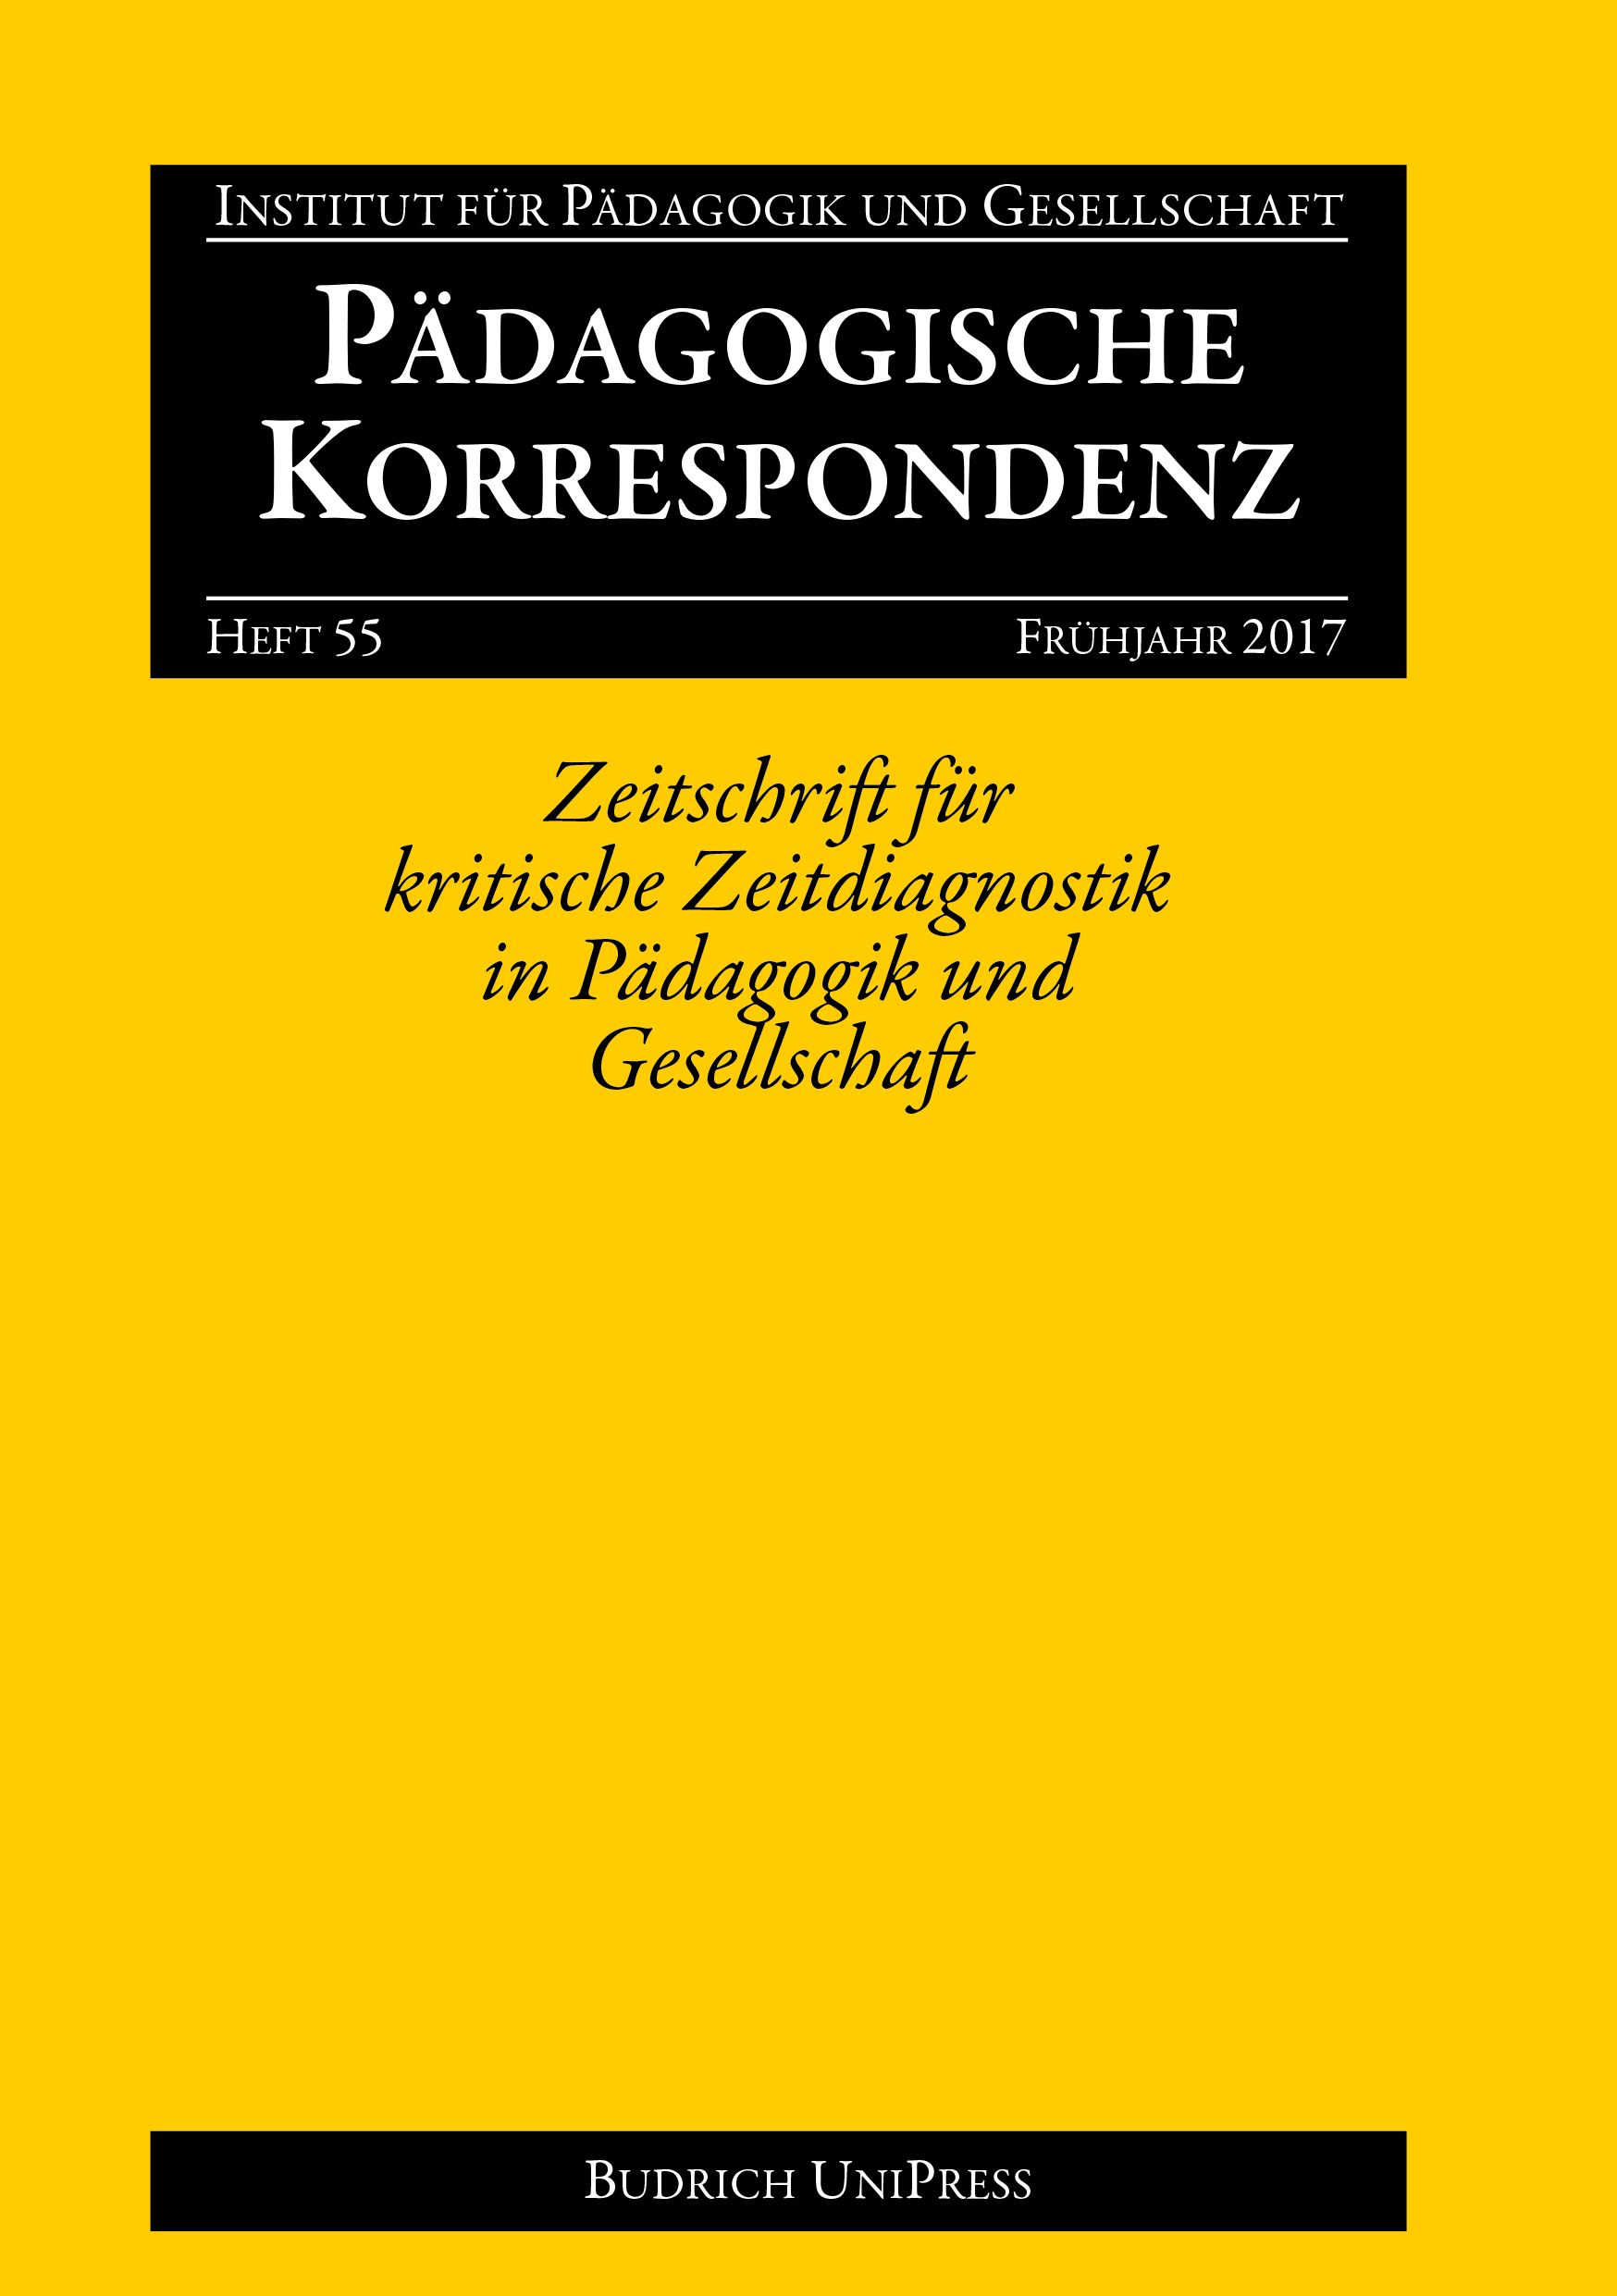 Pädagogische Korrespondenz 55 (1-2017) | Freie Beiträge